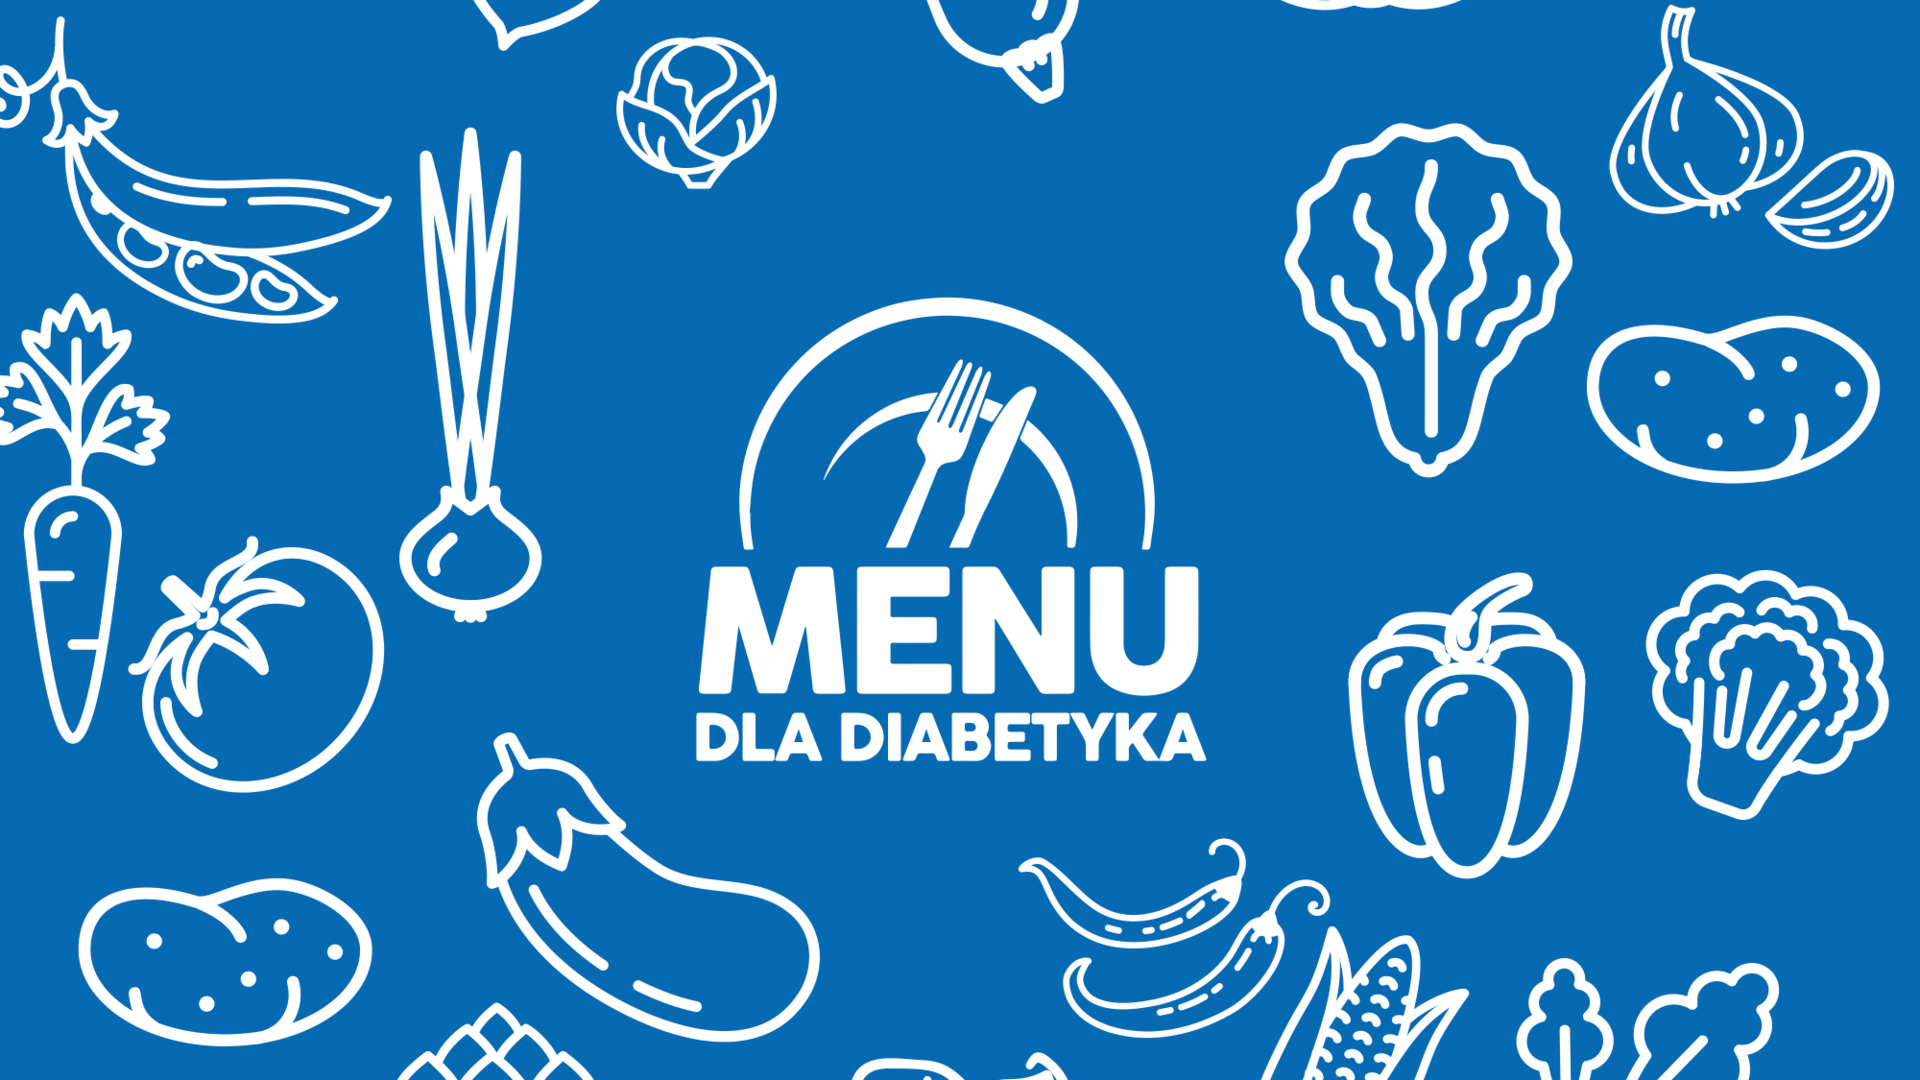 Menu dla diabetyka 55+